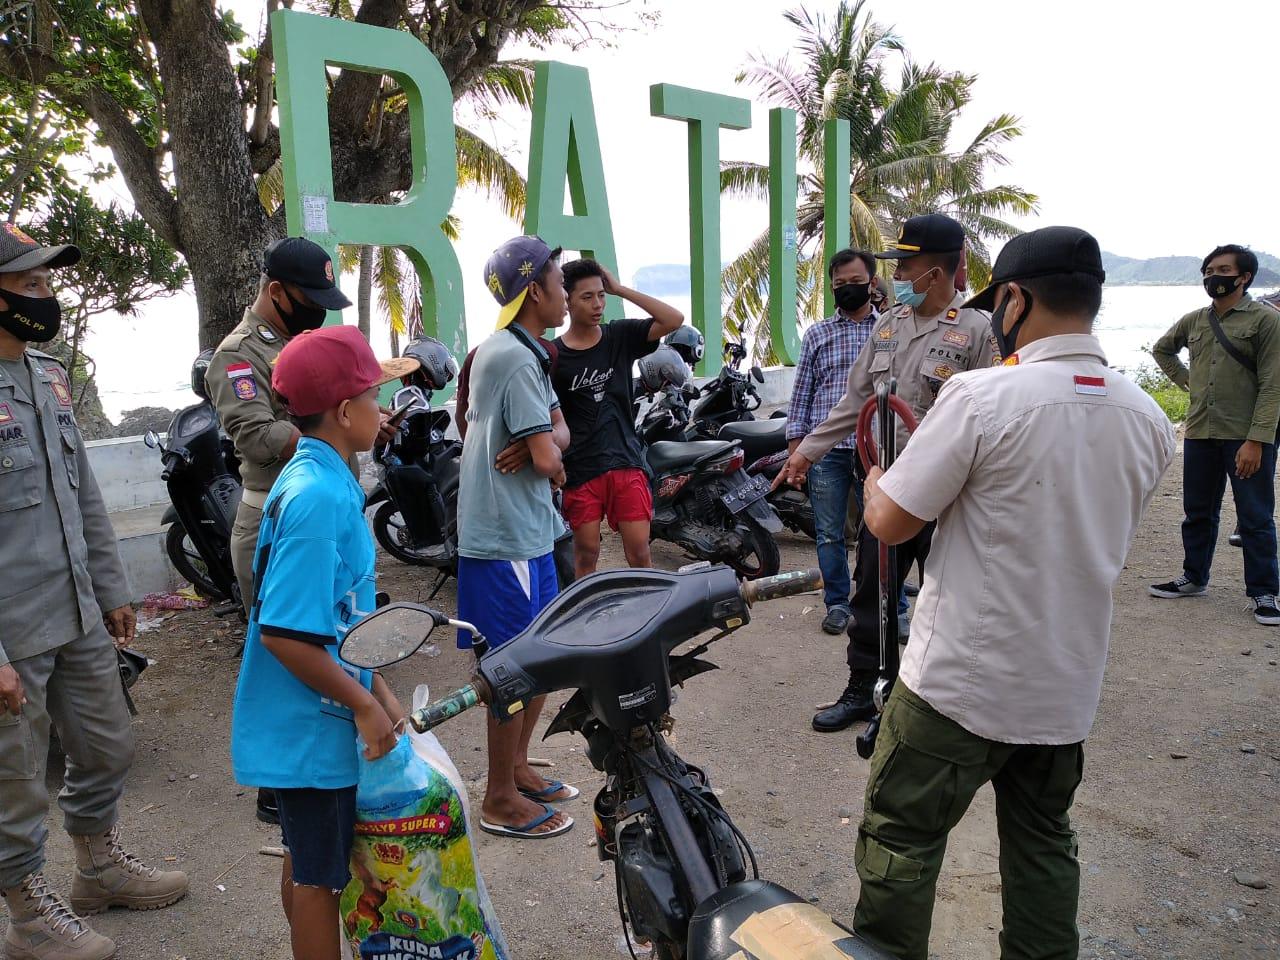 Polres KSB Polda NTB bersama Tim Gabungan Gelar Operasi Yustisi di Pantai Balat